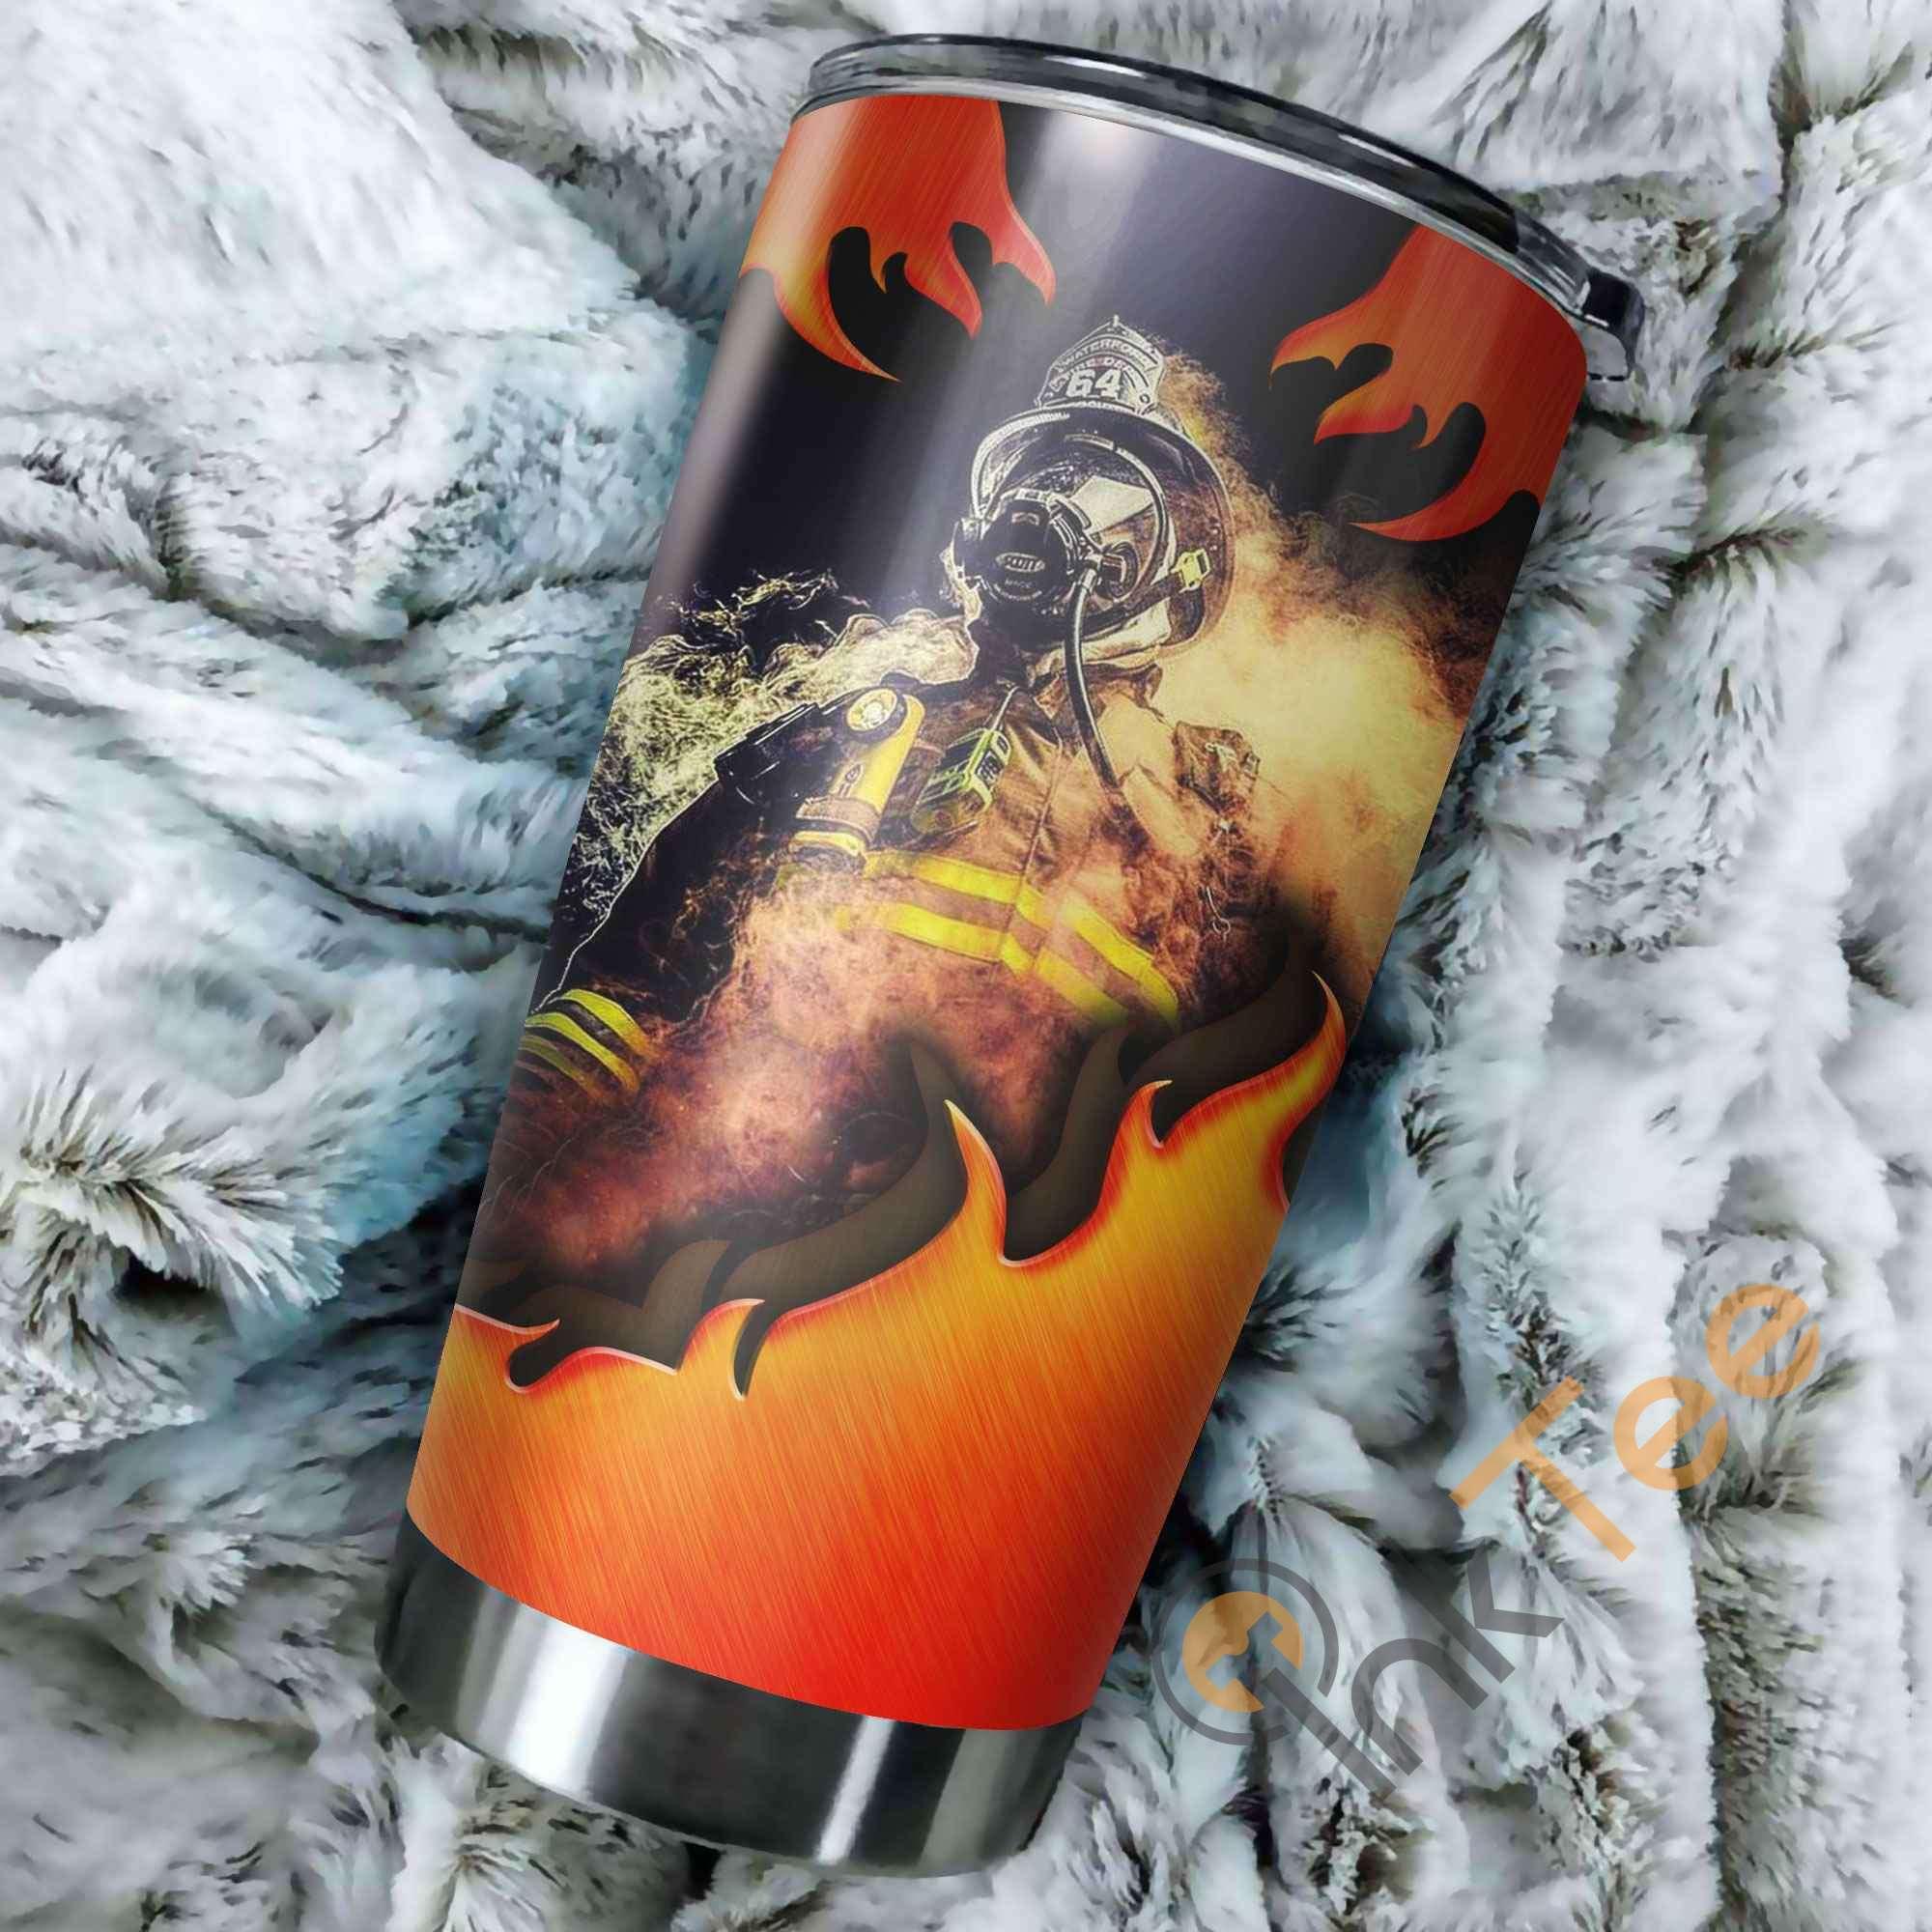 Firefighter Amazon Best Seller Sku 3319 Stainless Steel Tumbler